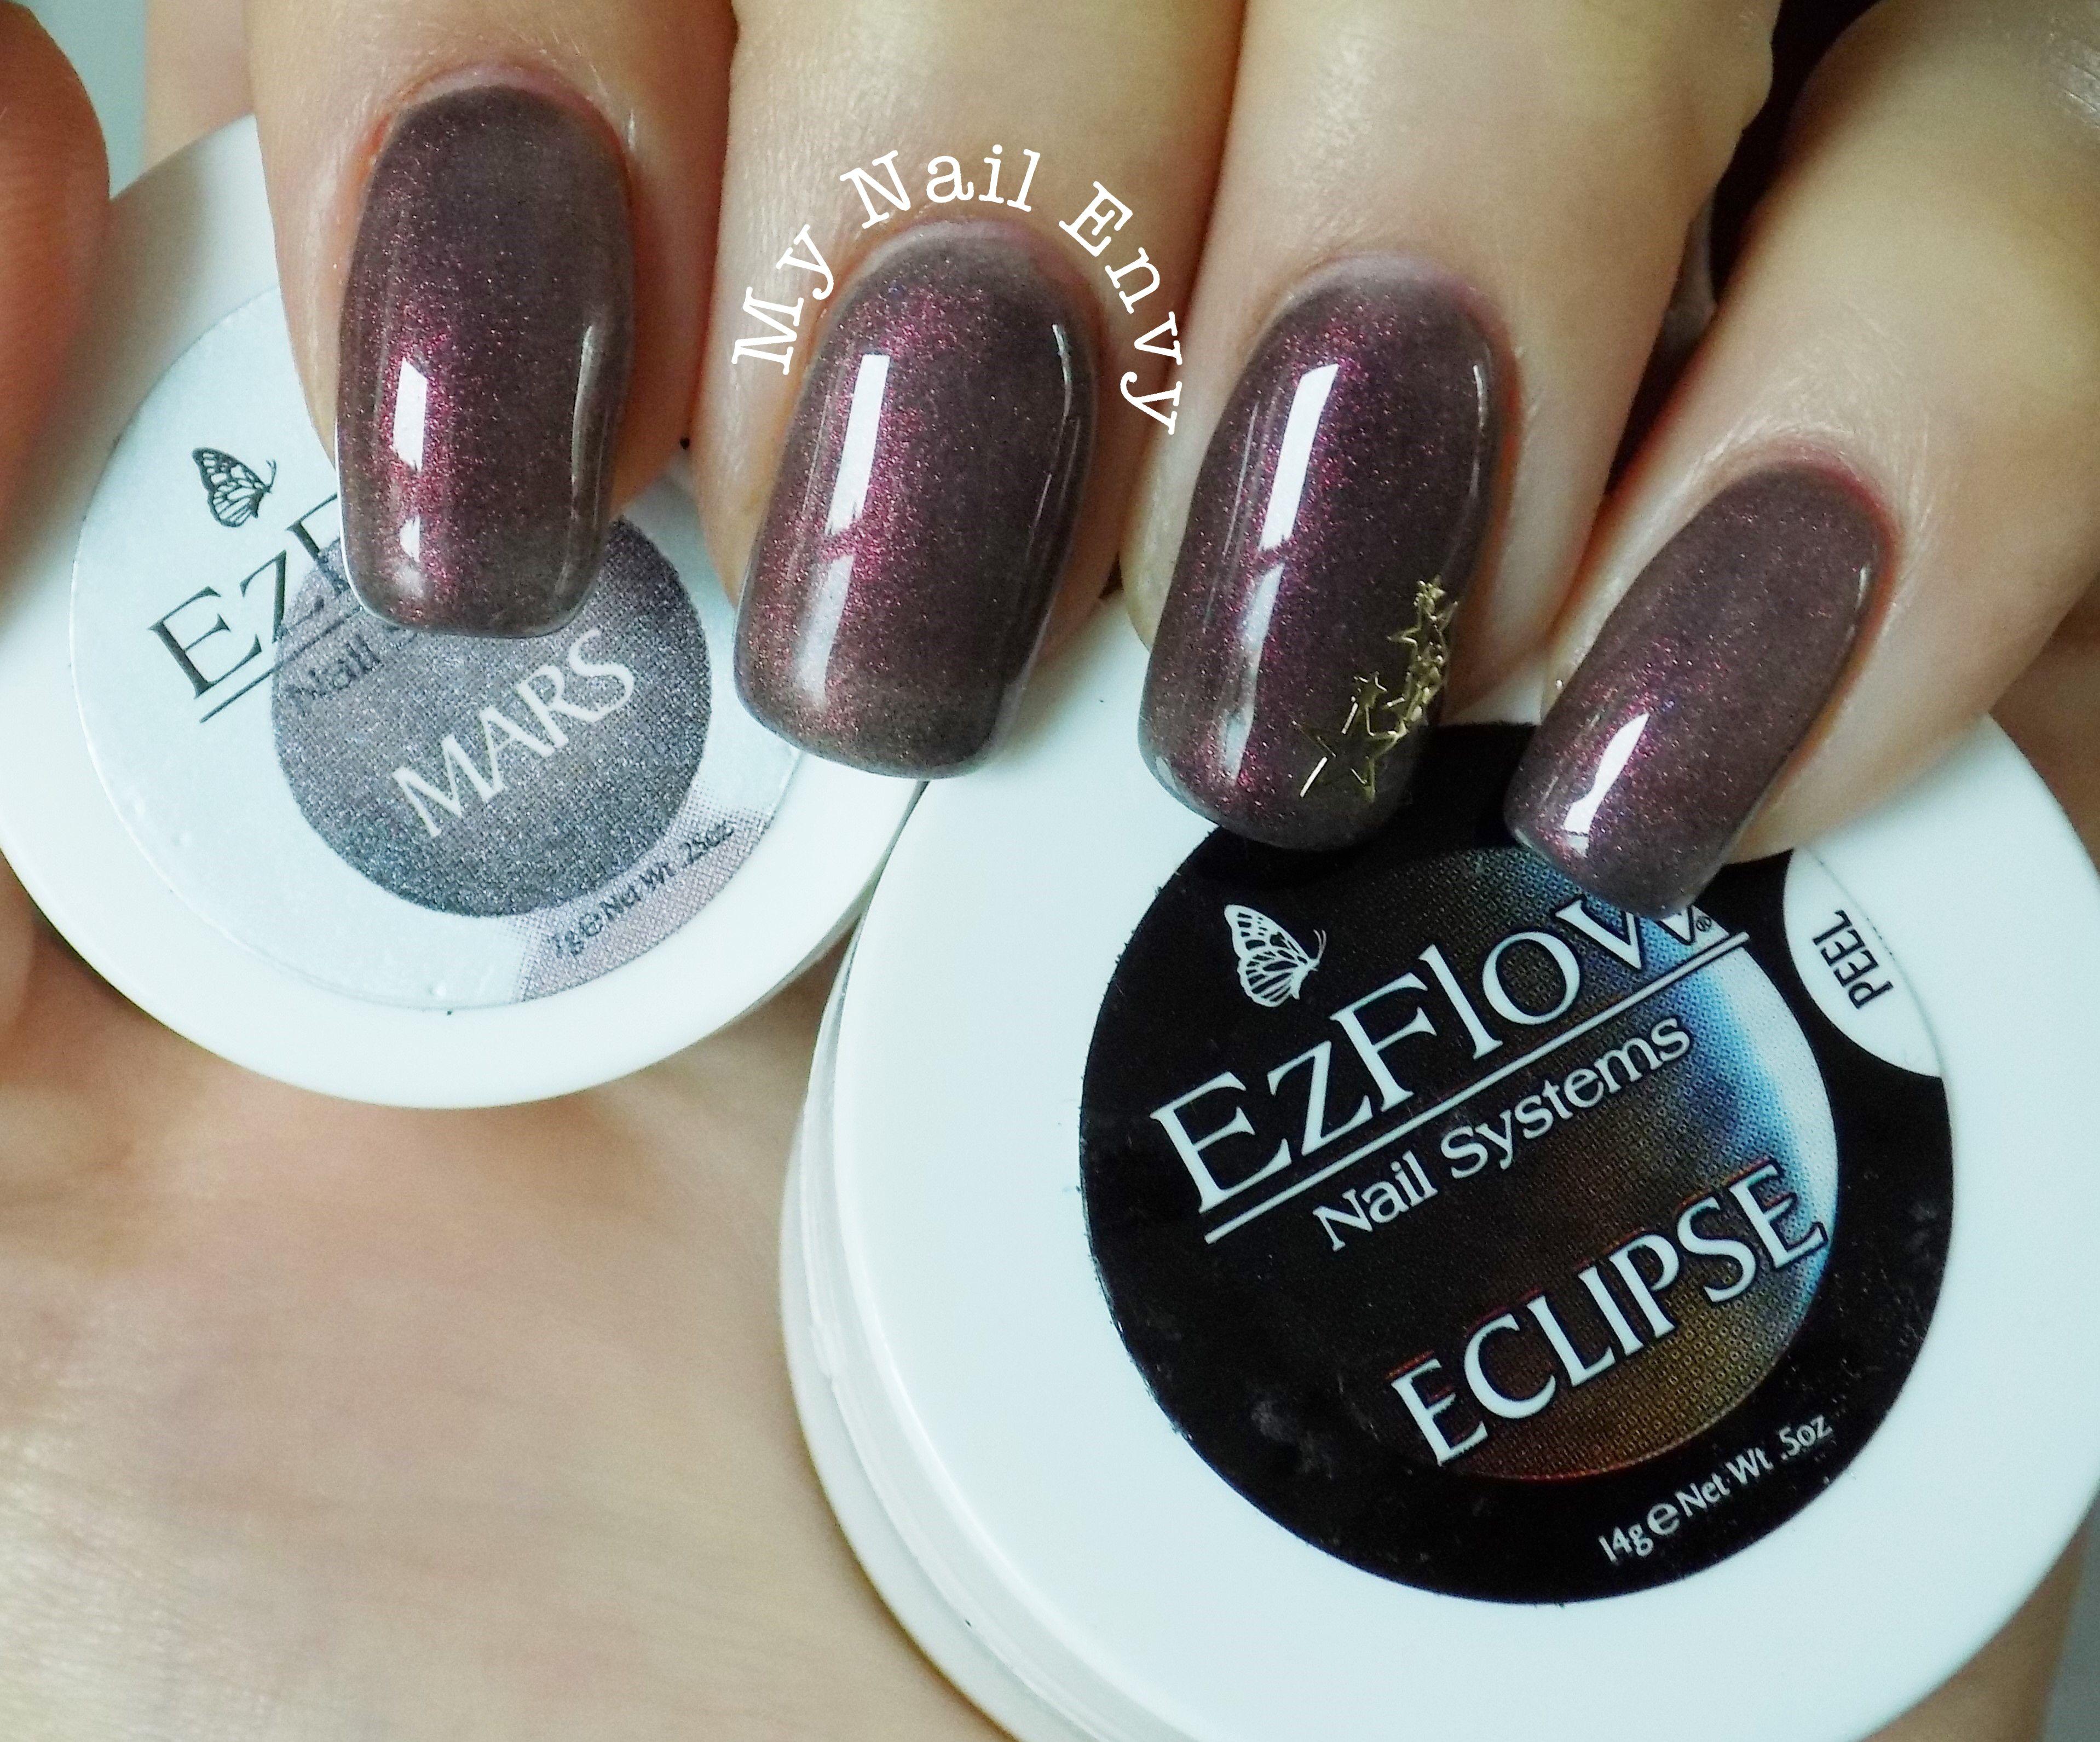 Mars – My Nail Envy EZ Flow, burgundy moonstone nails, soak off gel ...